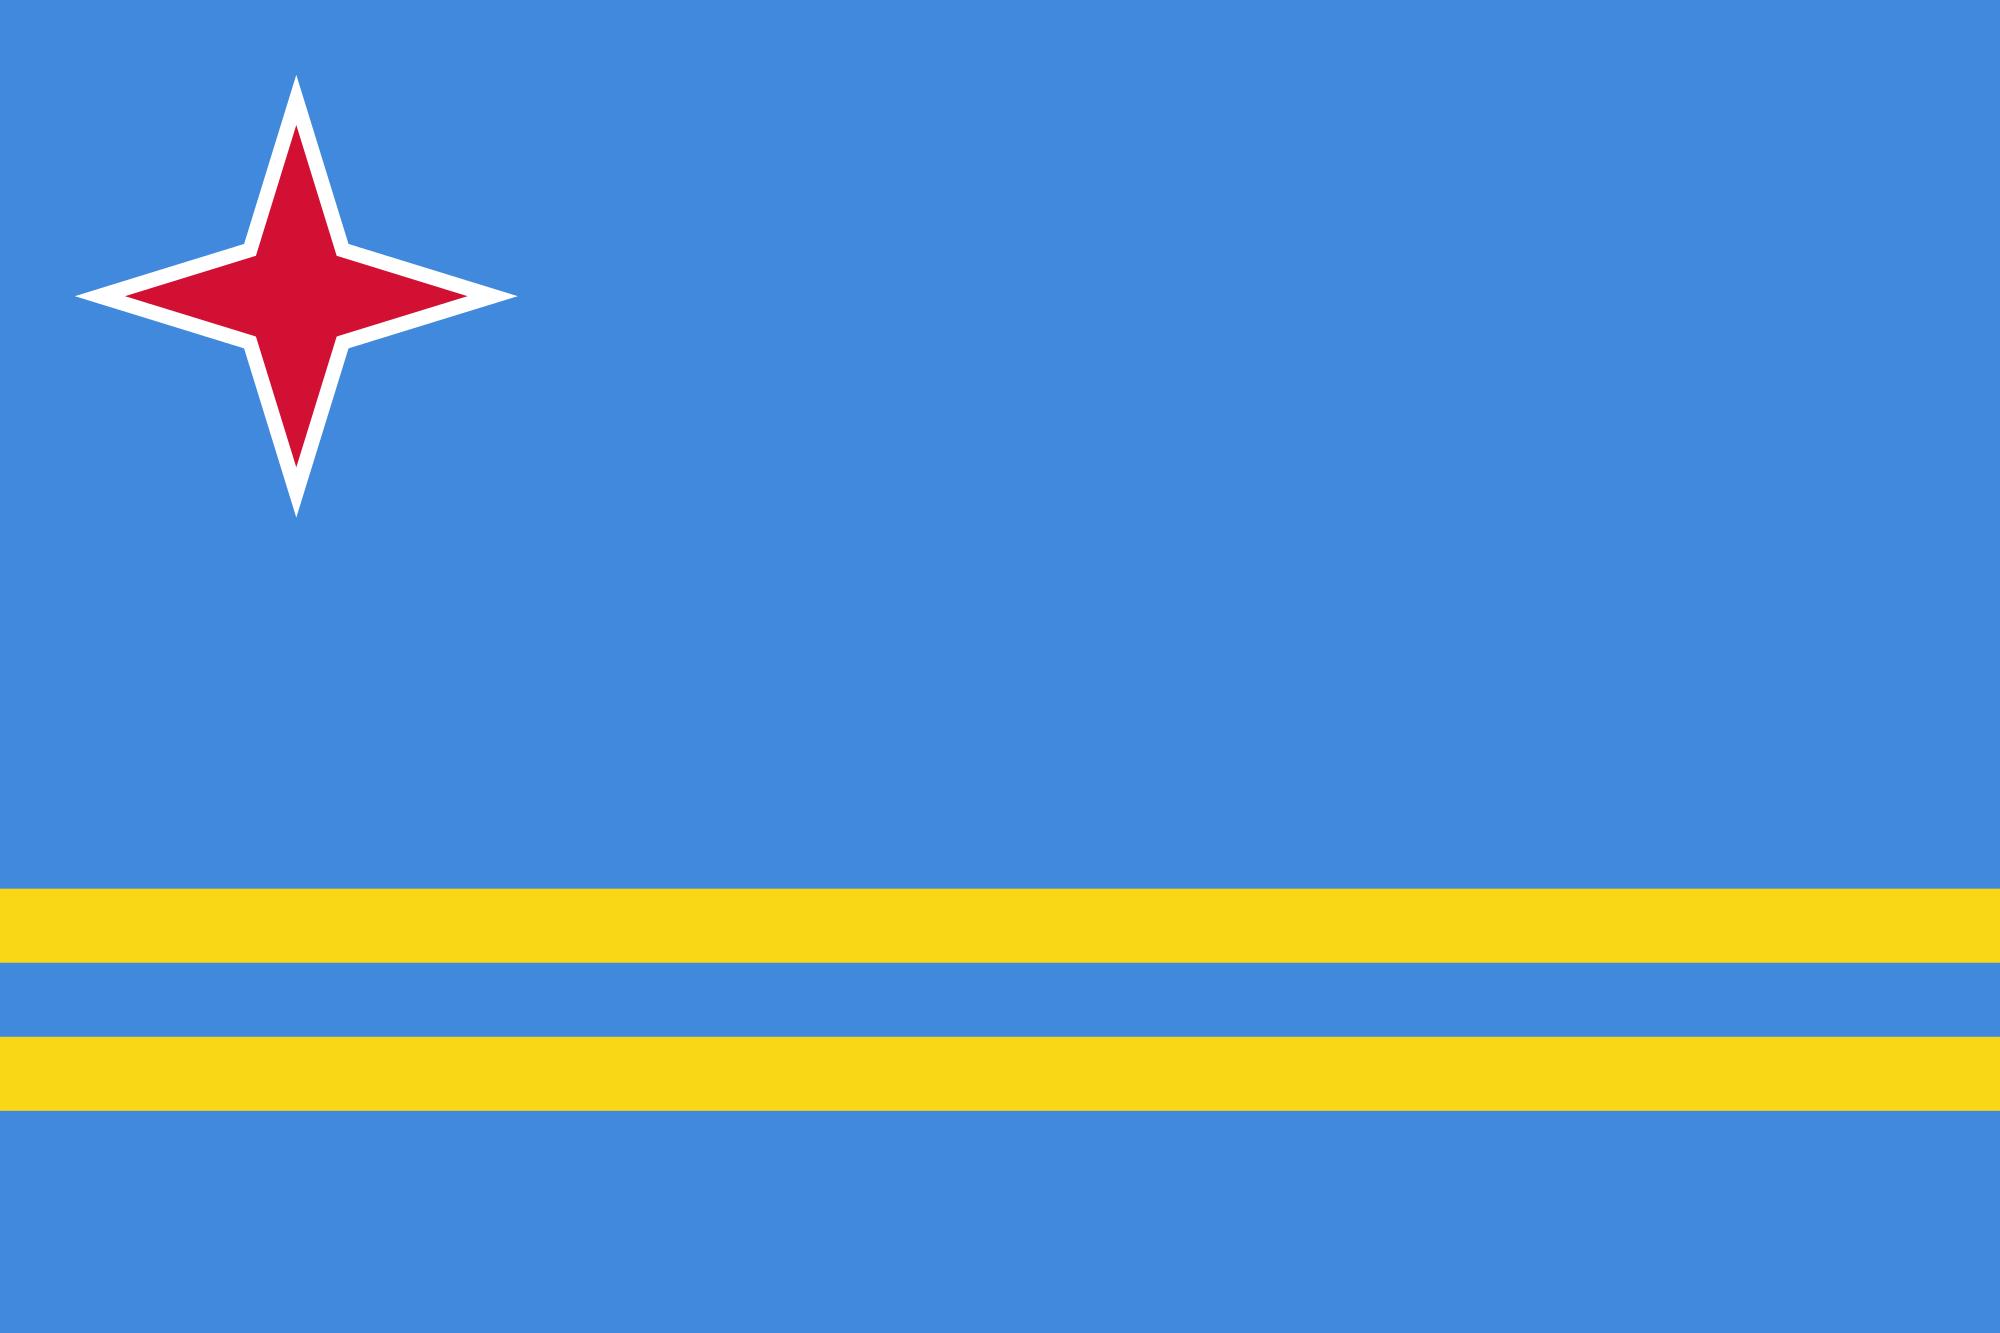 aruba, χώρα, έμβλημα, λογότυπο, σύμβολο - Wallpapers HD - Professor-falken.com